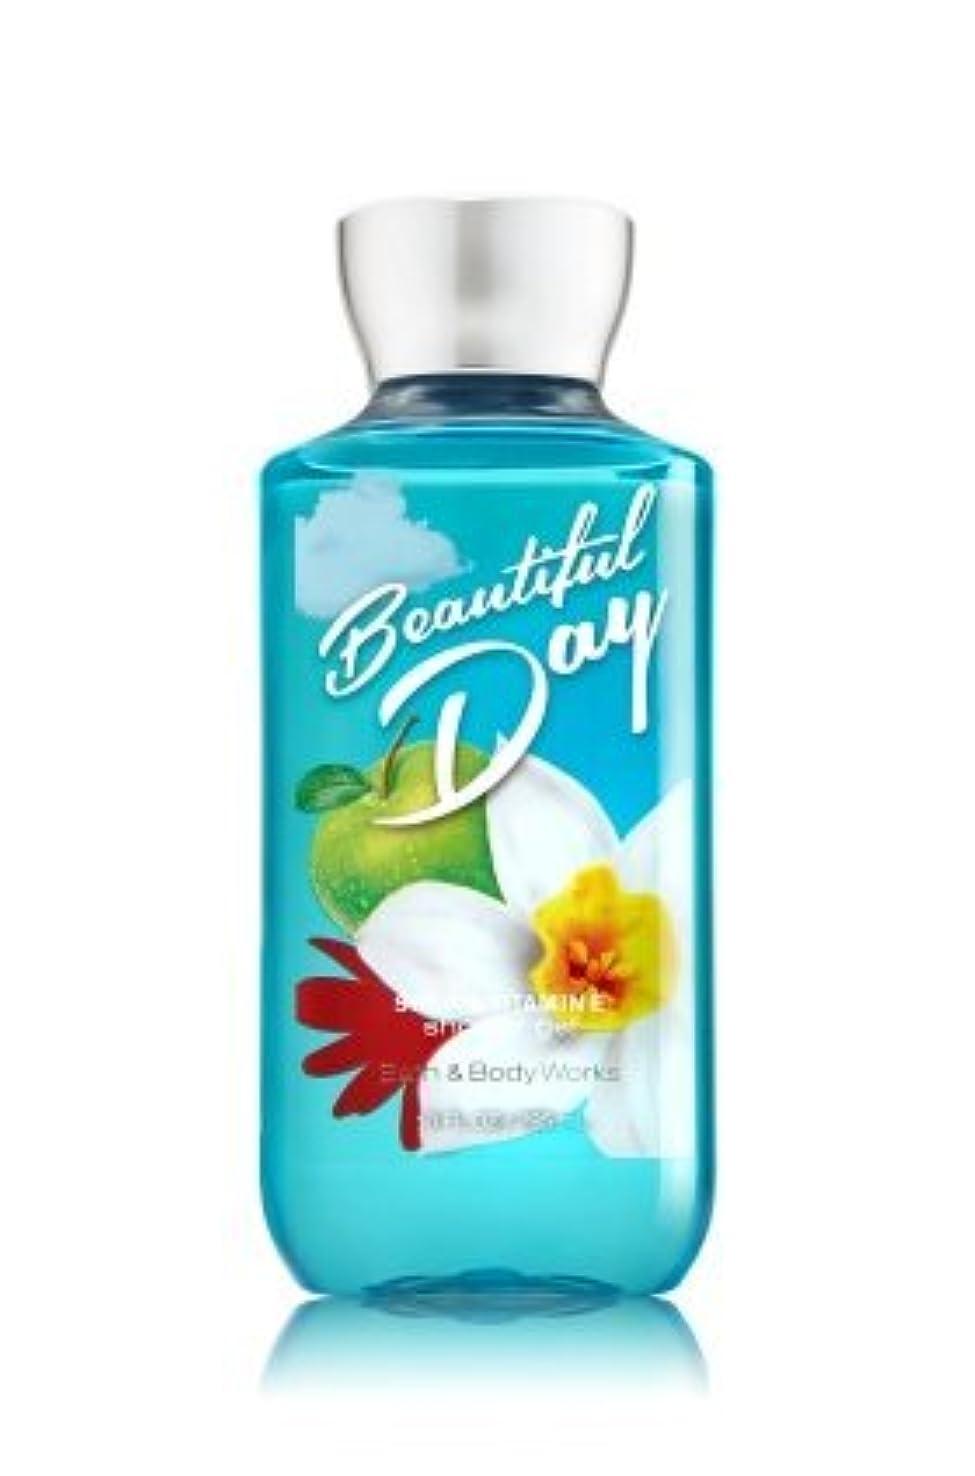 【Bath&Body Works/バス&ボディワークス】 シャワージェル ビューティフルデイ Shower Gel Beautiful Day 10 fl oz / 295 mL [並行輸入品]